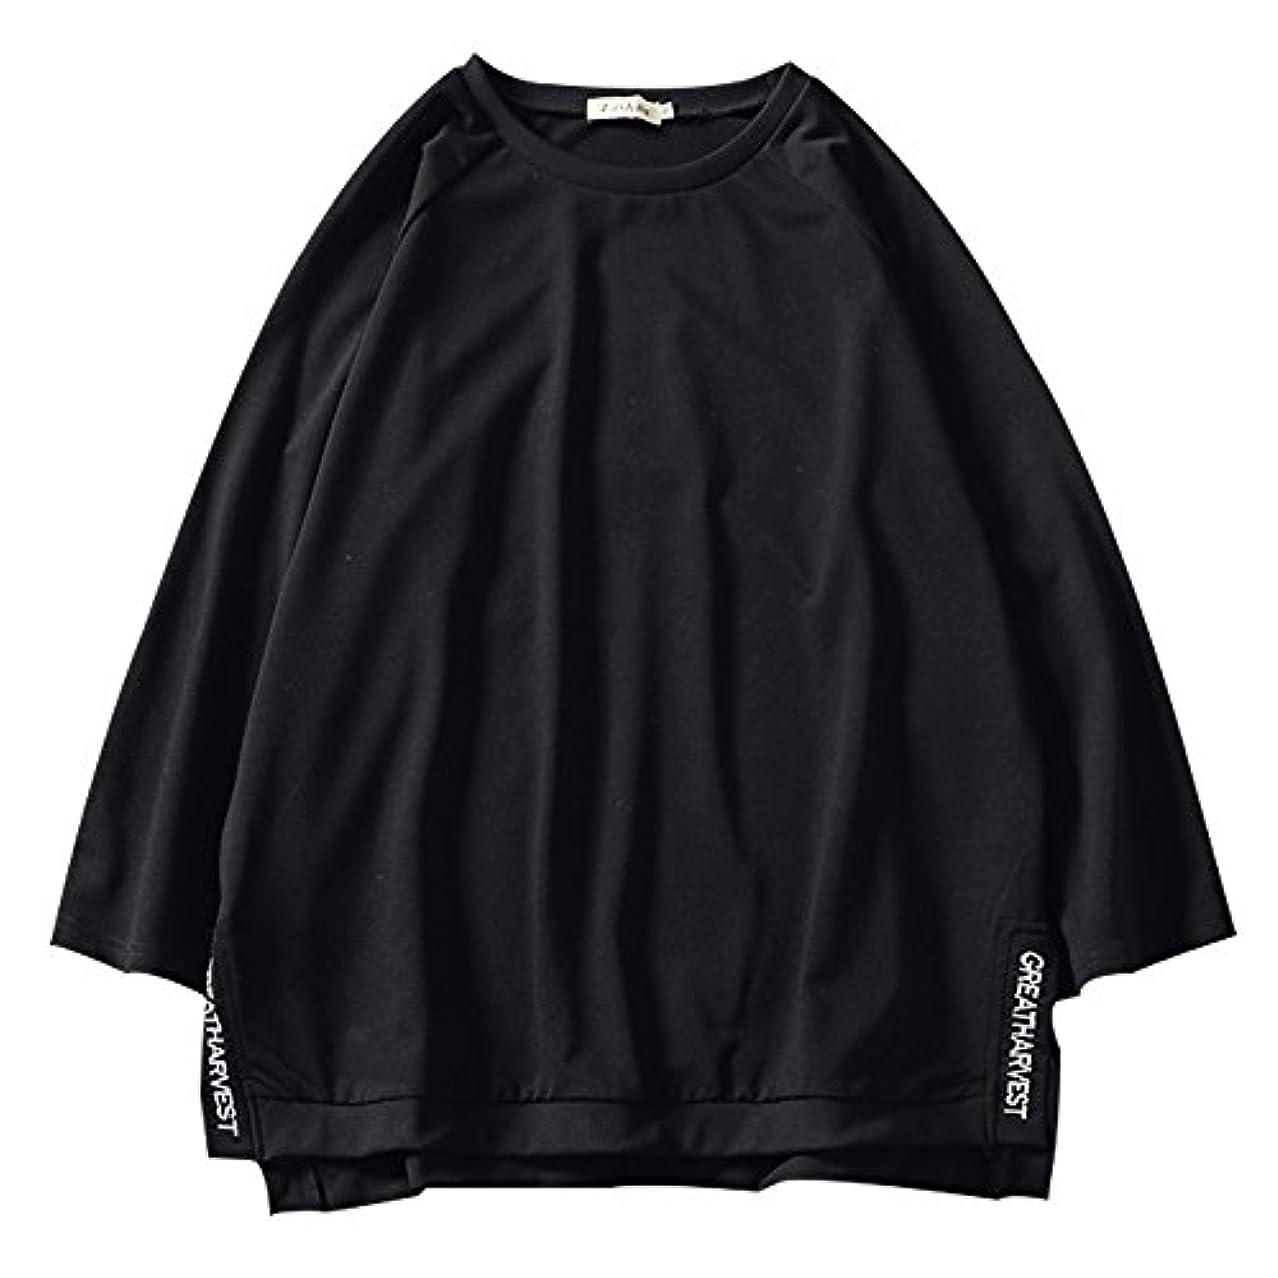 マイクロ耐えられない熱(ルパンプル) Le Pampre Tシャツ メンズ ビッグT ビッグシルエット オーバーサイズ 7分袖 ゆったり 18SS CQ1521